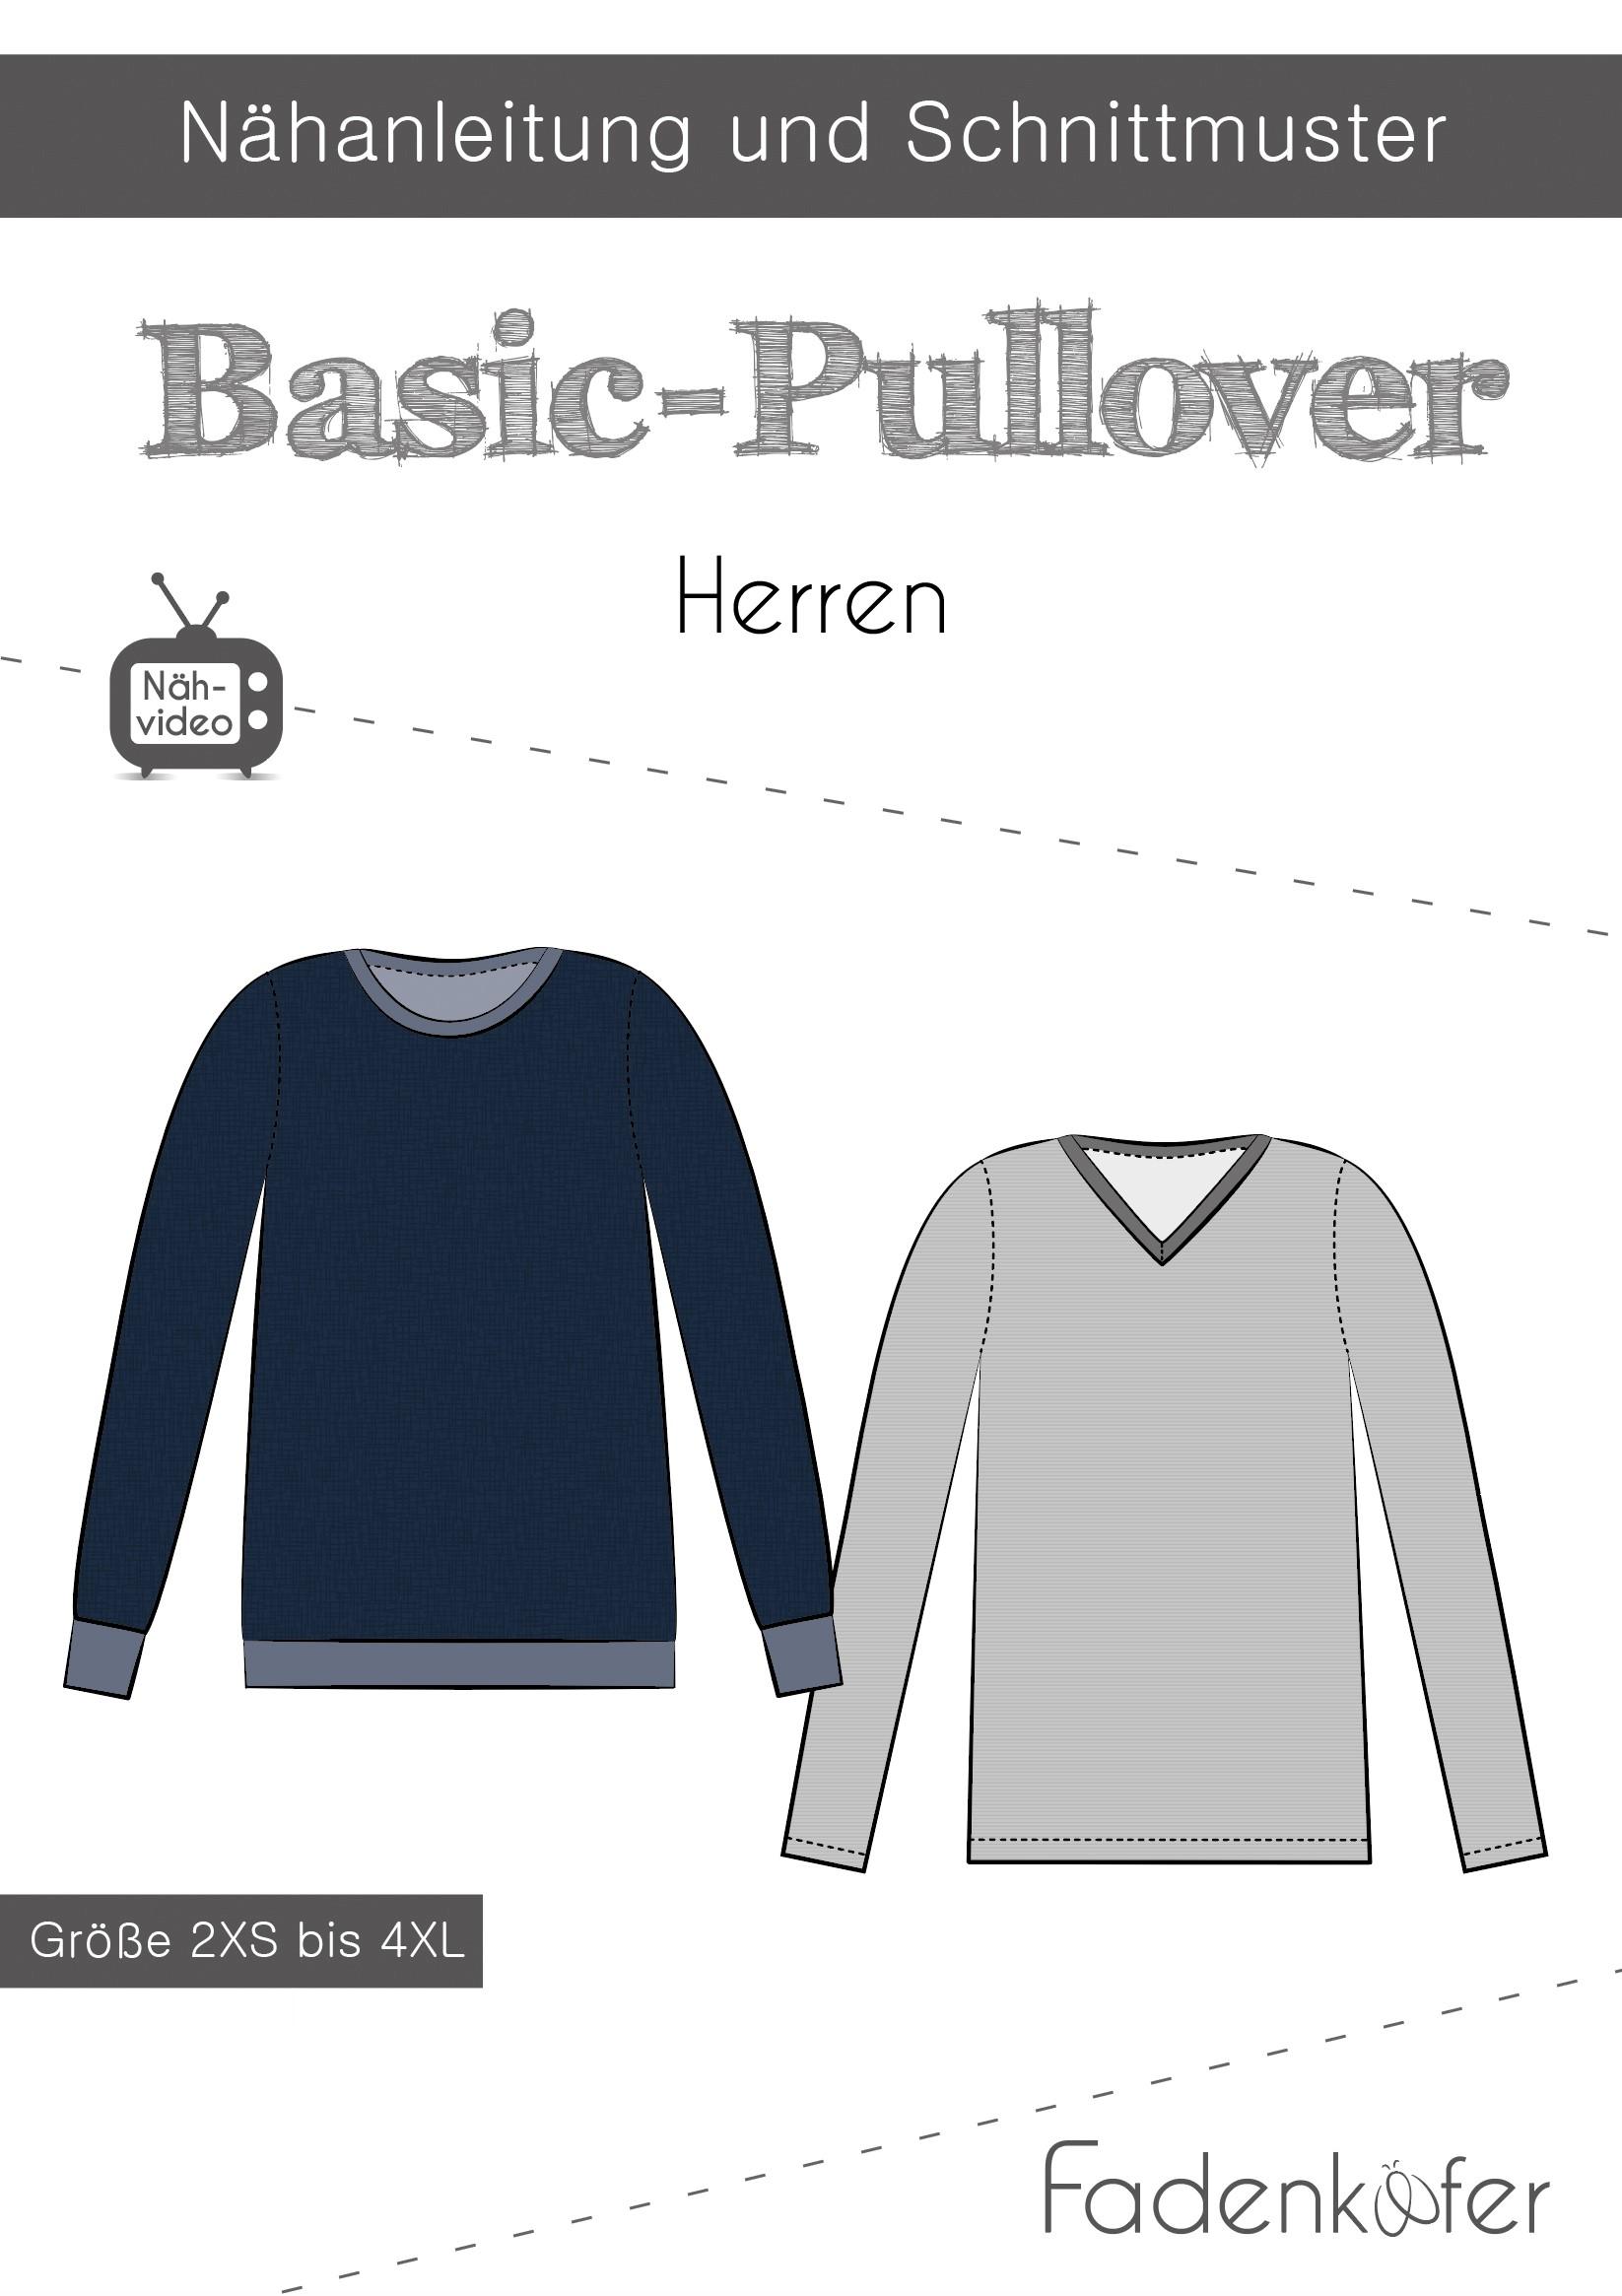 Papierschnittmuster Basic-Pullover für Herren 2XS-4XL von Fadenkäfer